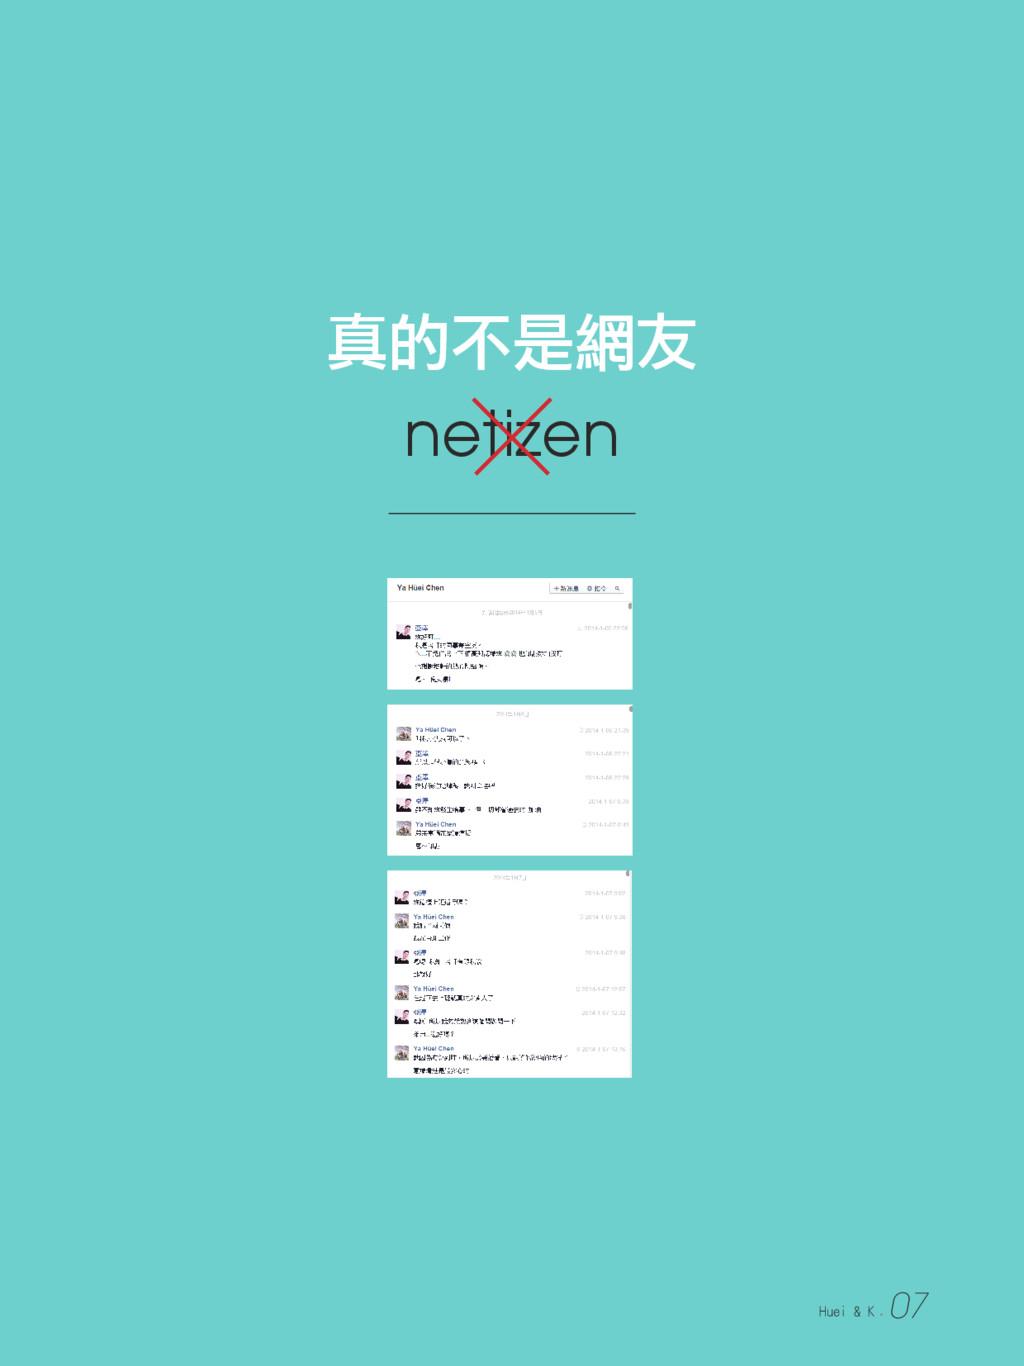 真的不是網友 Huei & K. 07 真的不是網友 netizen